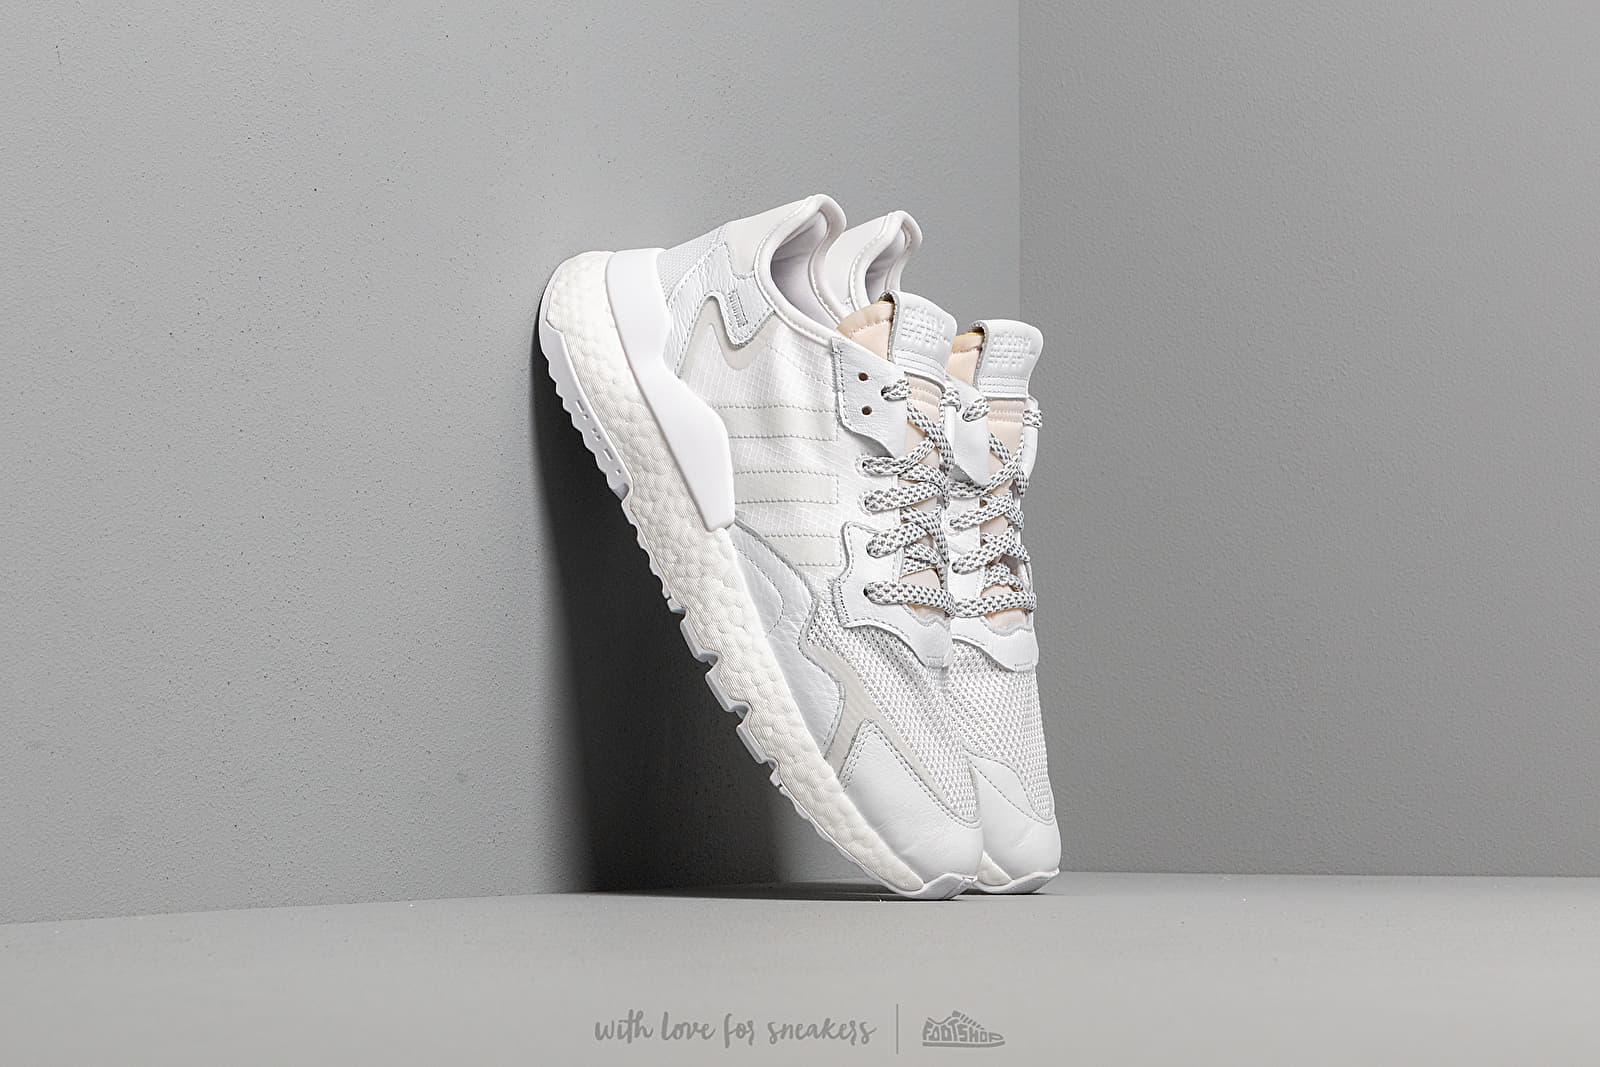 adidas Nite Jogger Ftw White/ Crystal White/ Crystal White za skvělou cenu 3 690 Kč koupíte na Footshop.cz